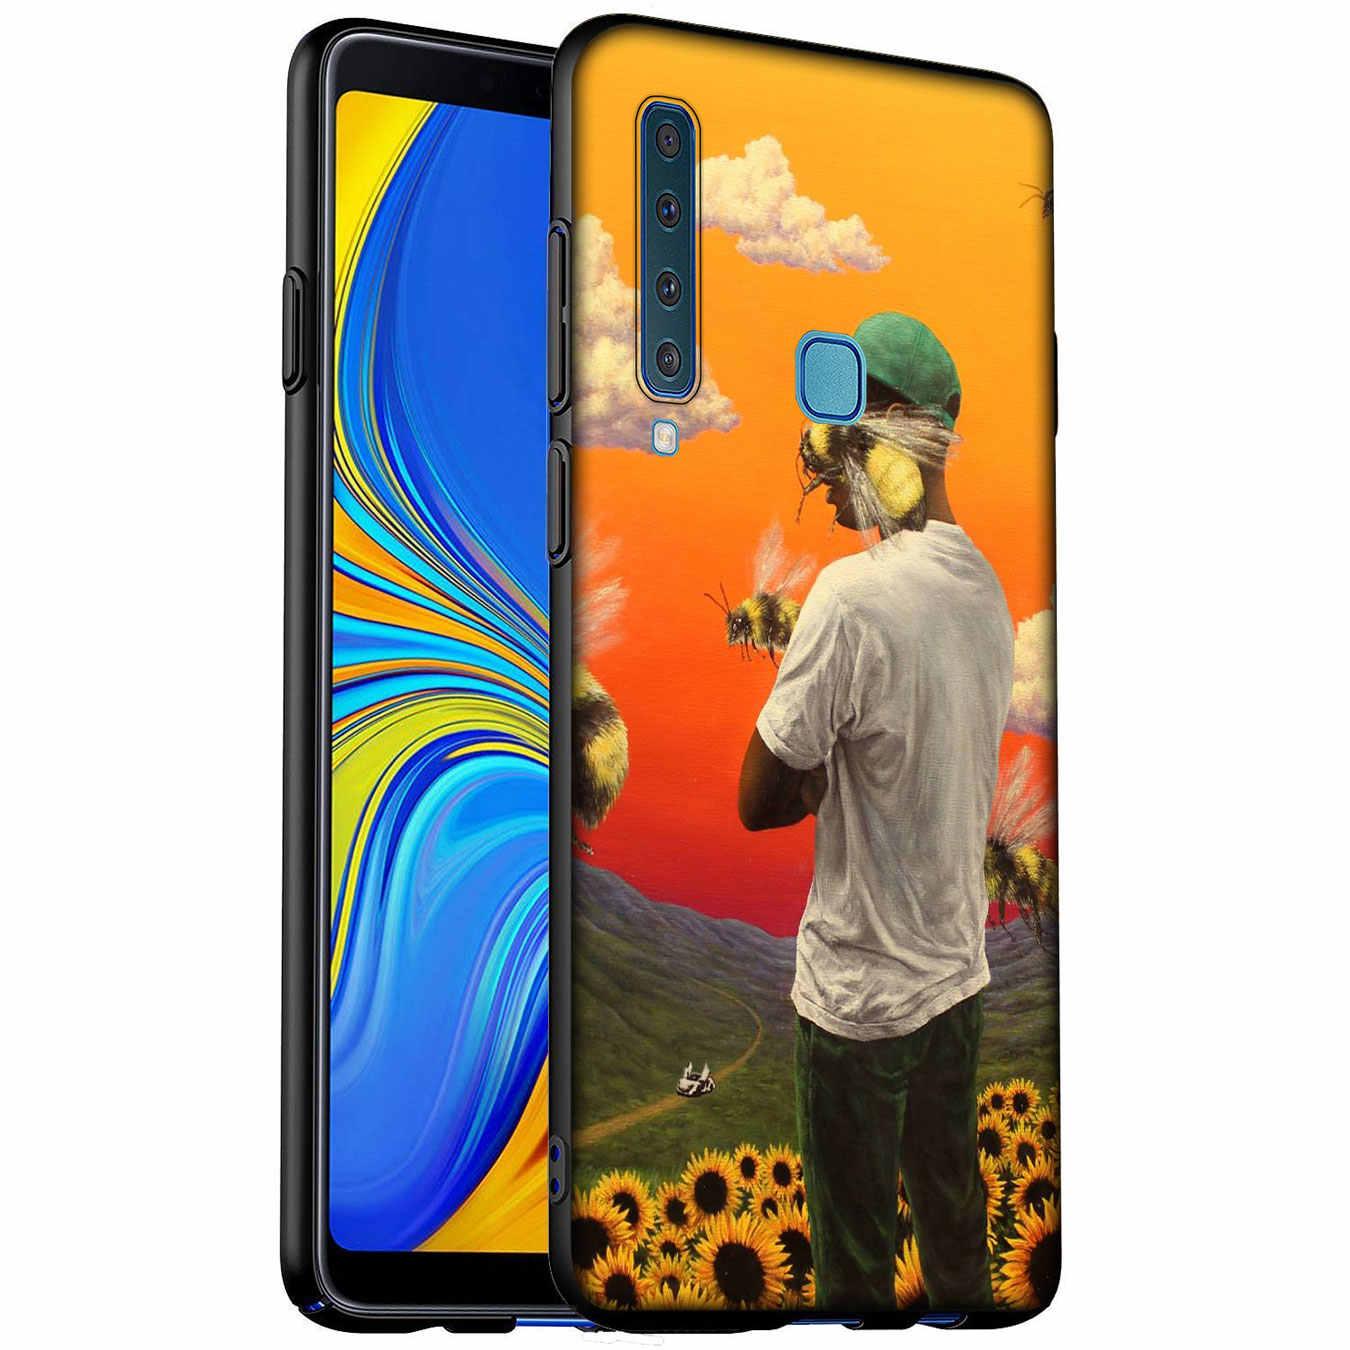 IYICAO Tyler The Creator Мягкий силиконовый чехол для телефона для samsung Galaxy A6 плюс A7 A8 A9 2018 A3 A5 2016 2017 Note 9 8